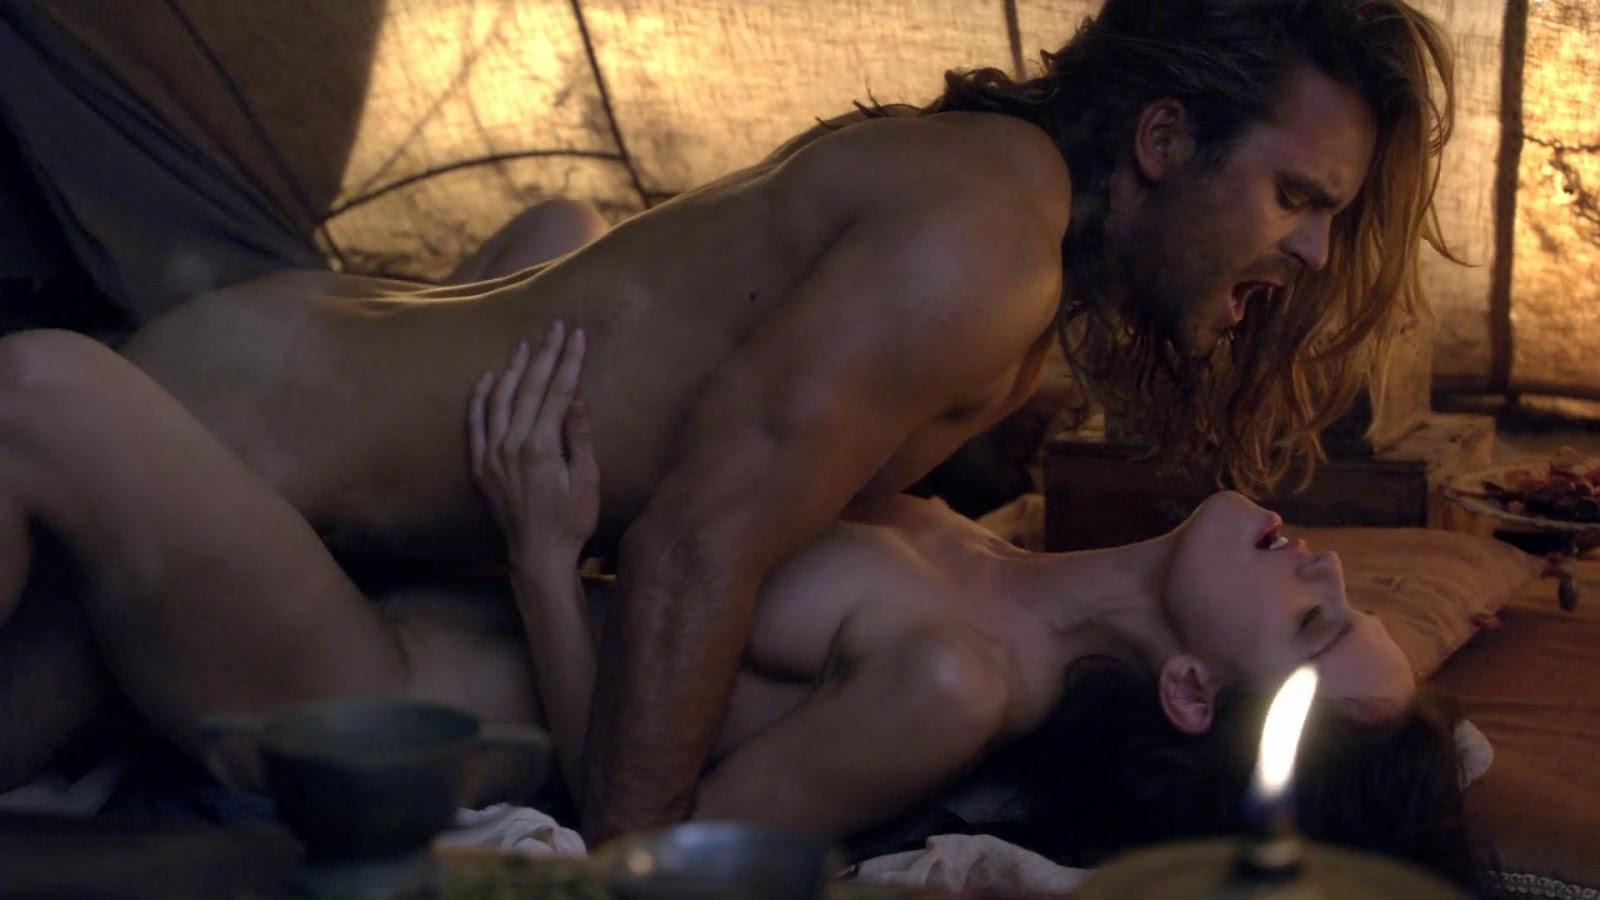 Порно Сцены Из Сериала Викинги